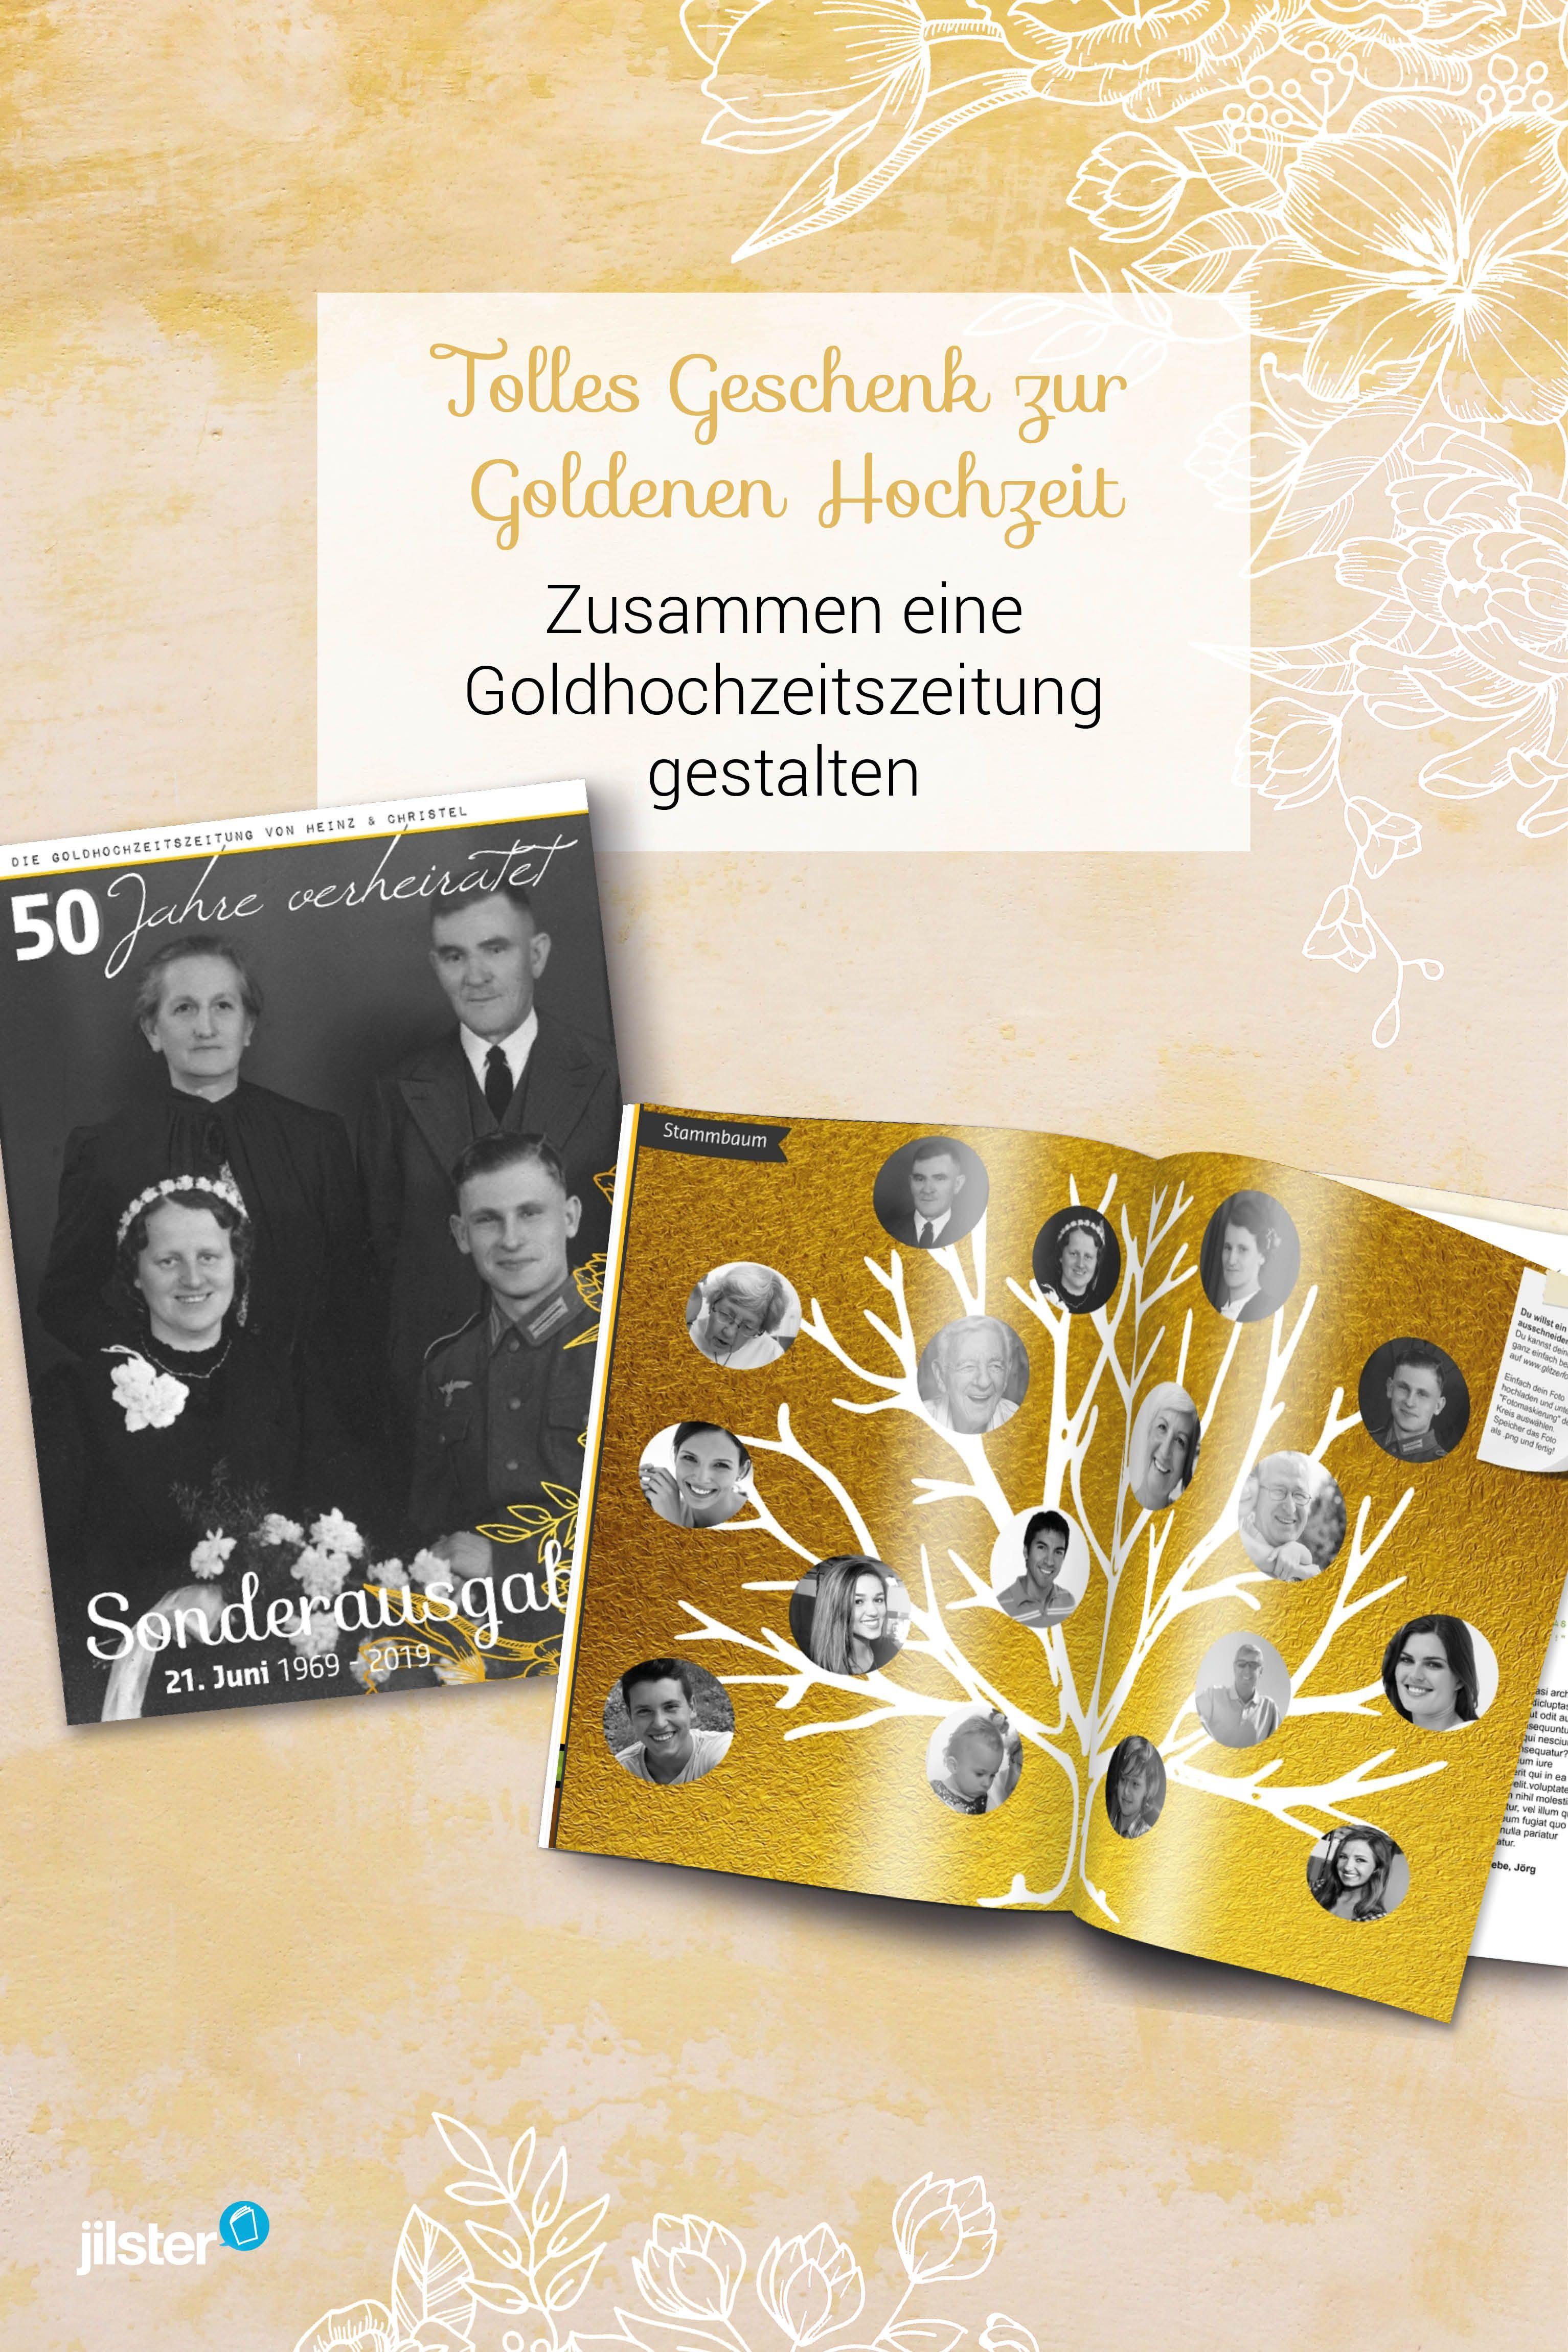 Tolles Geschenk Zur Goldenen Hochzeit Mit Jilster Eine